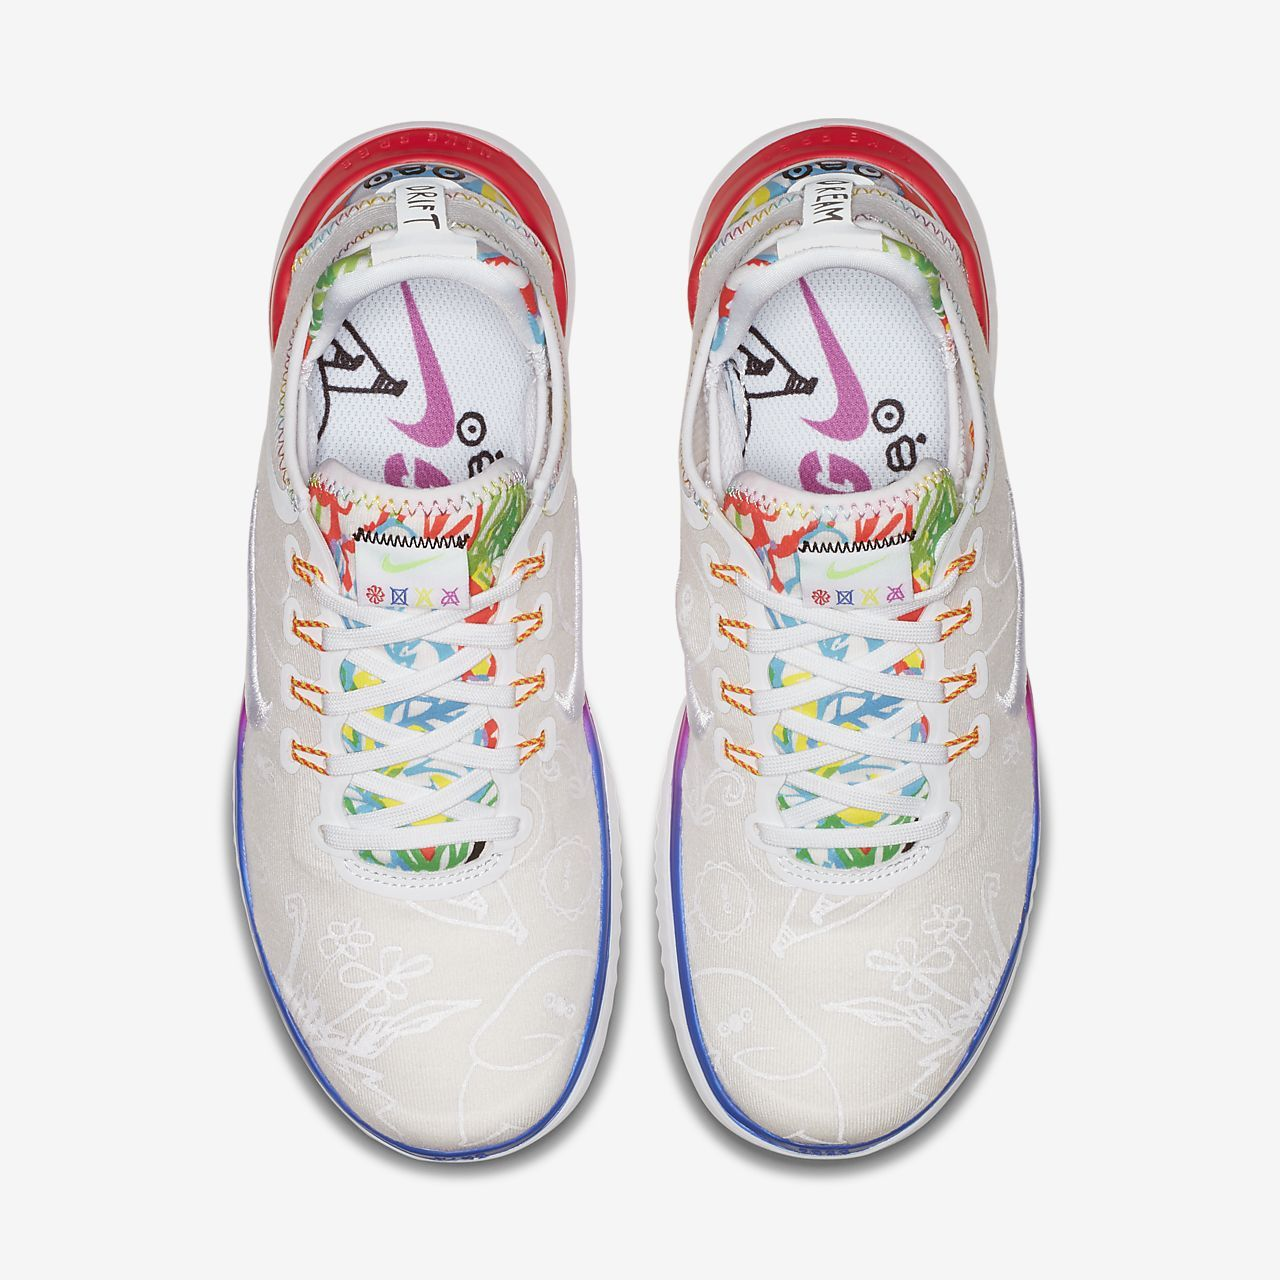 Nike Free Rn 2018 T Shirt Women S Running Shoe Womens Running Shoes Running Shoes Accessories Shoes